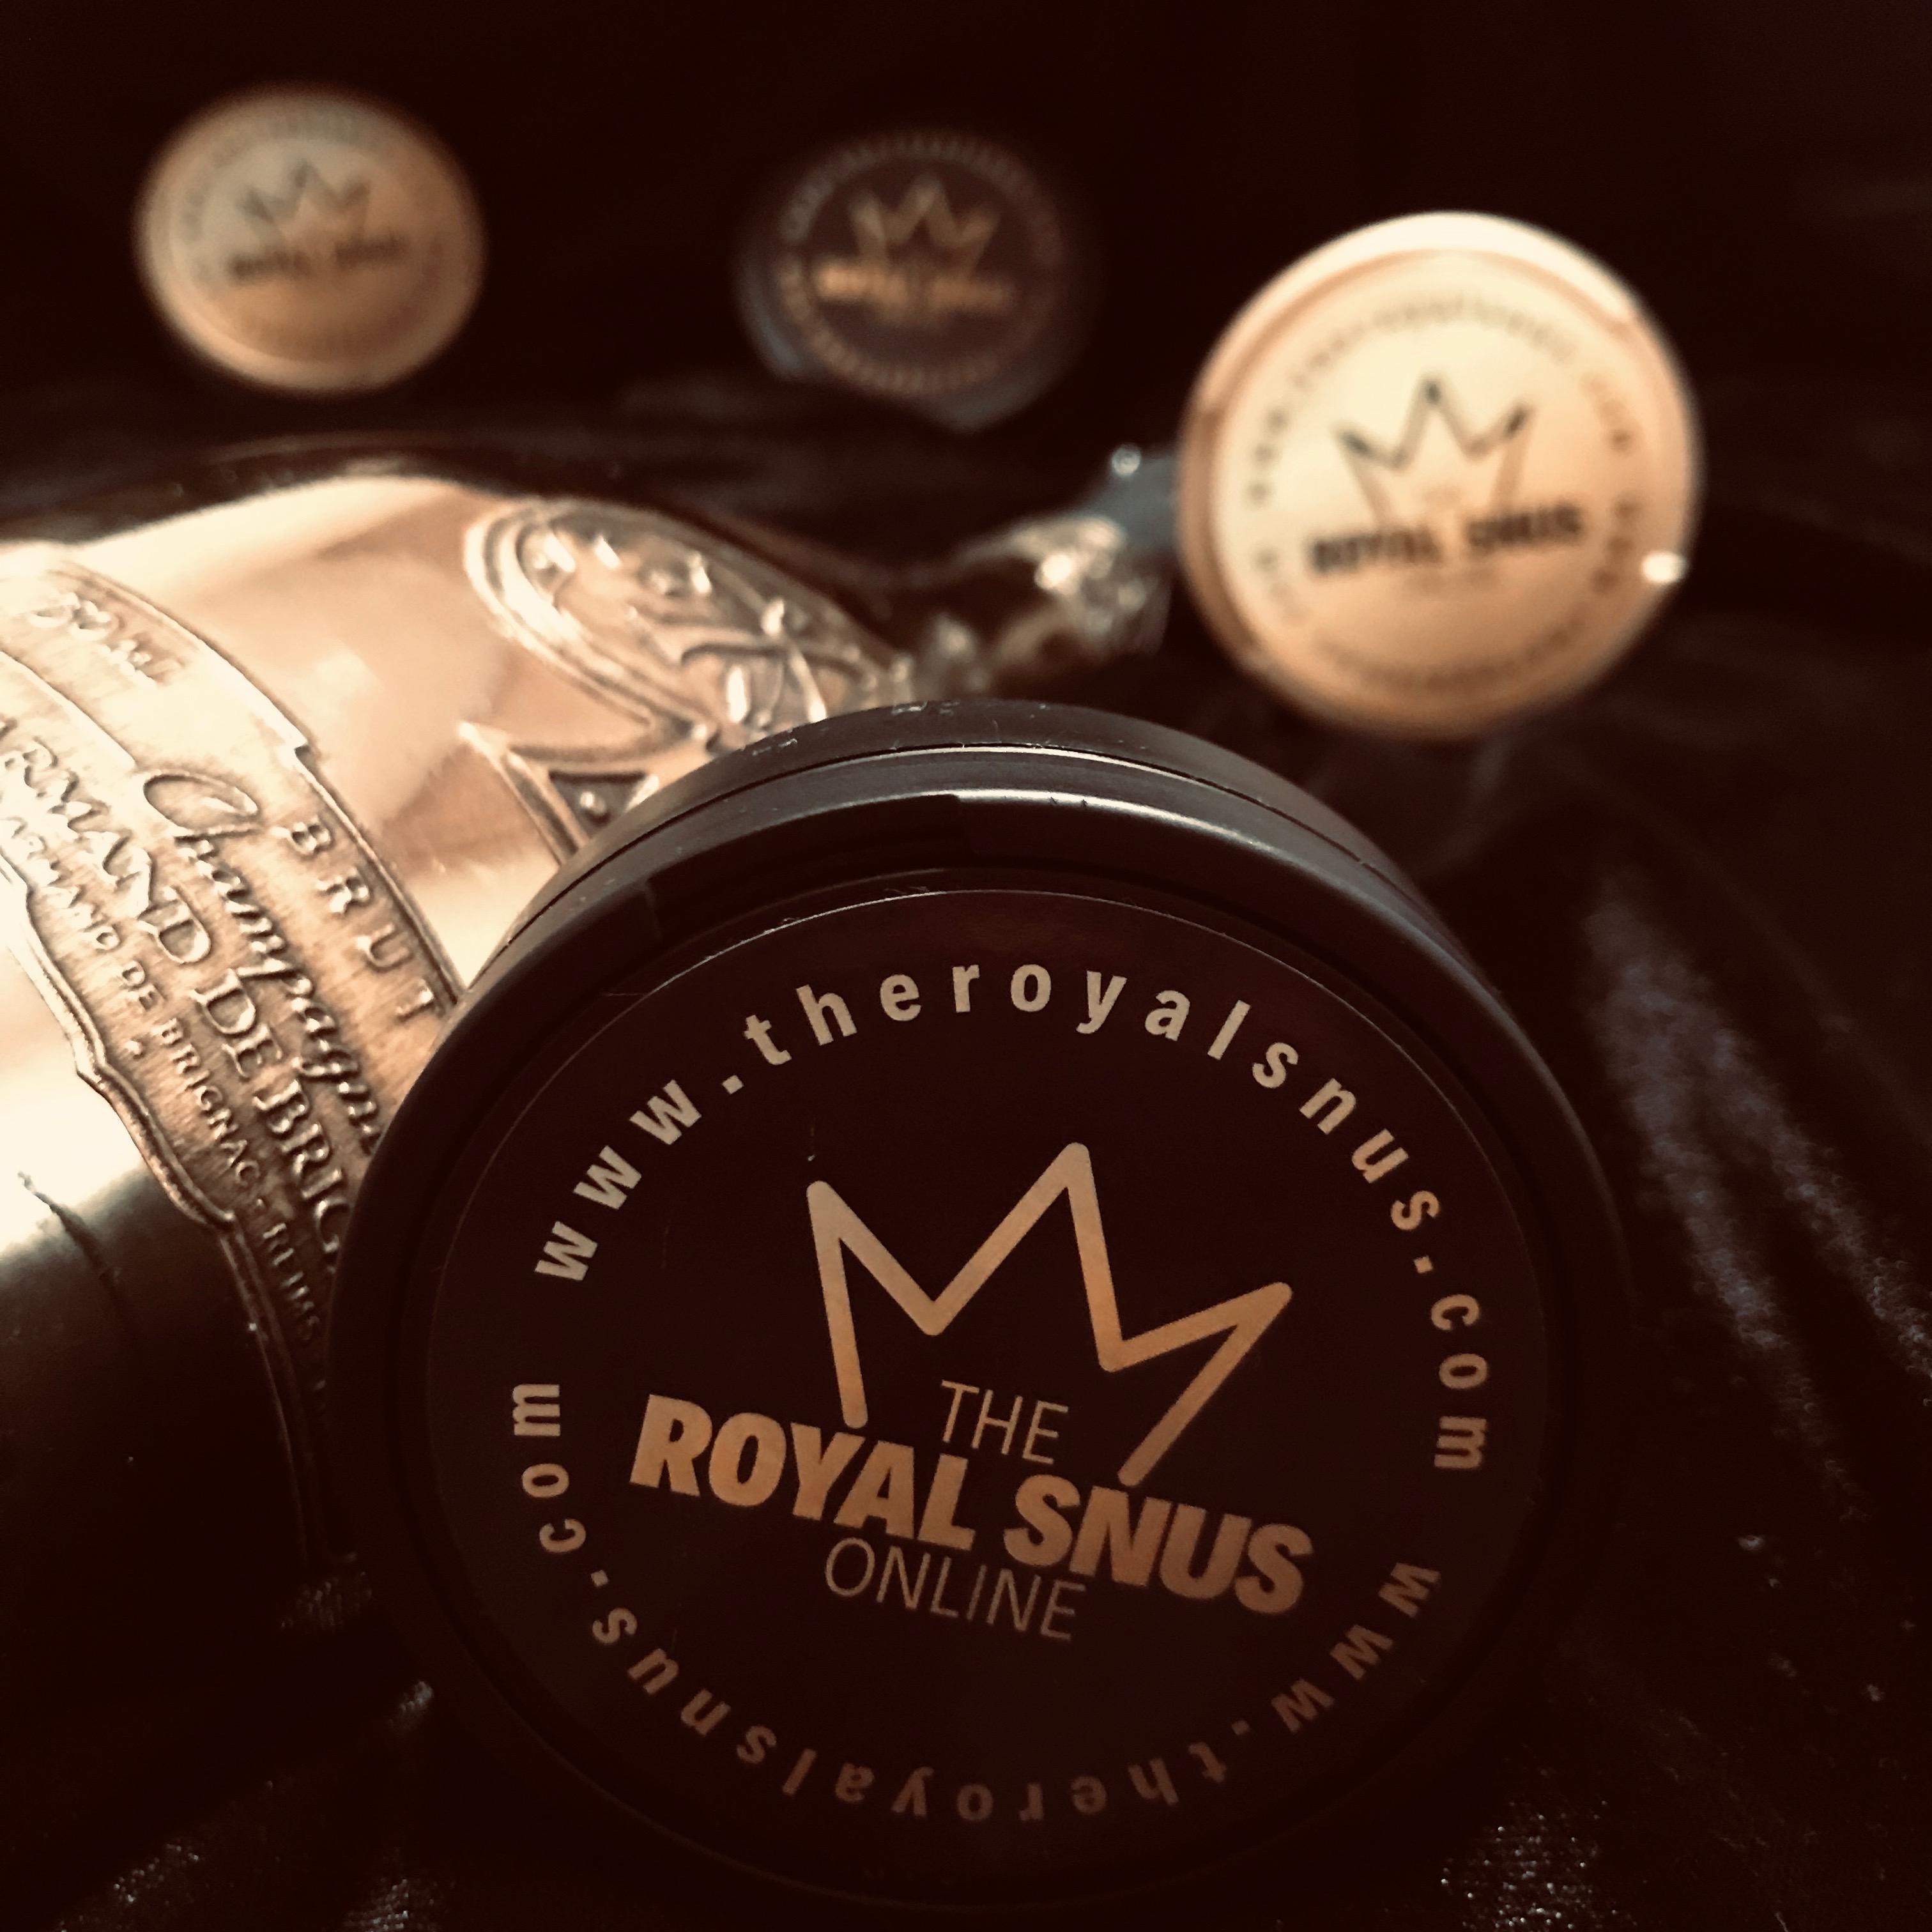 the royal snus online shop